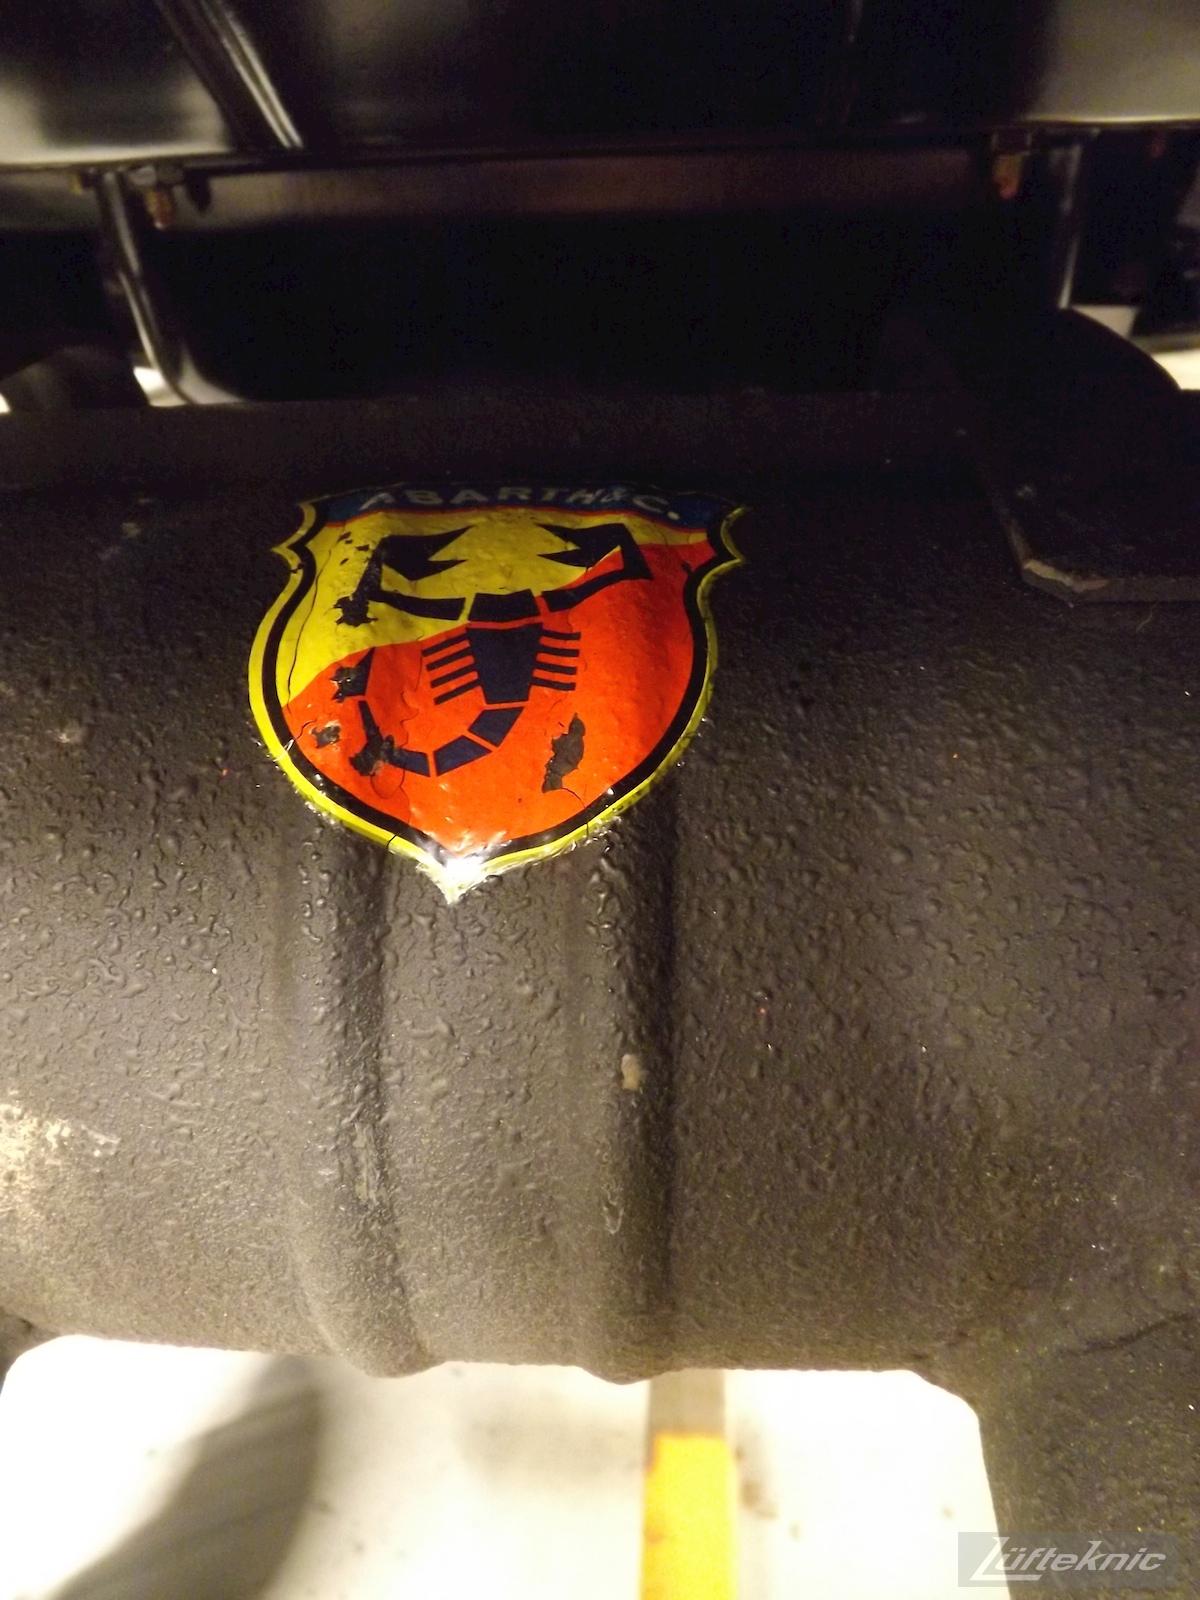 Abarth muffler detail for an Irish Green Porsche 912 undergoing restoration at Lufteknic.